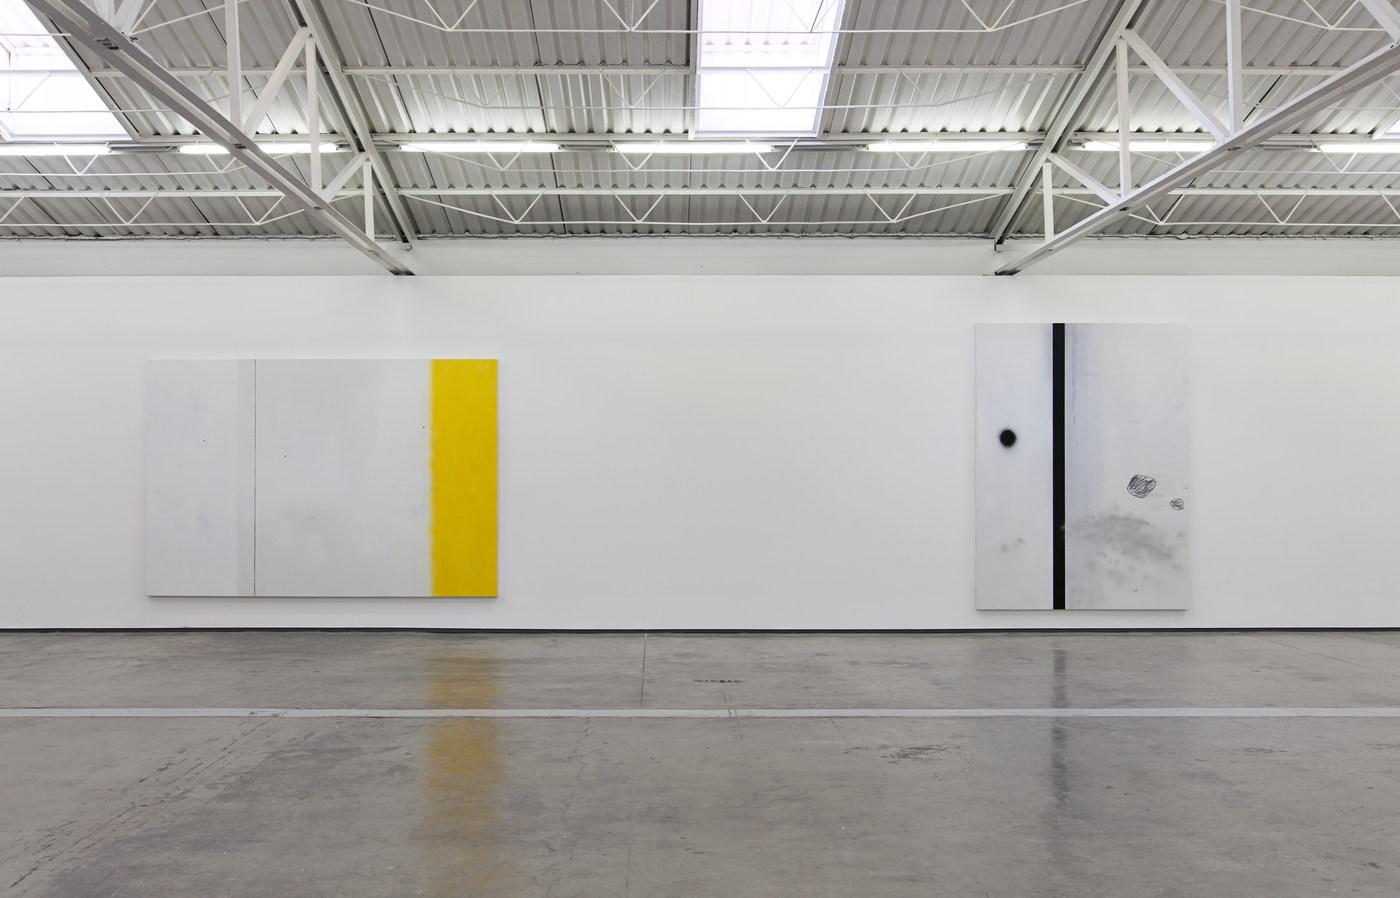 07_Heinemann_Prisma_Installation View